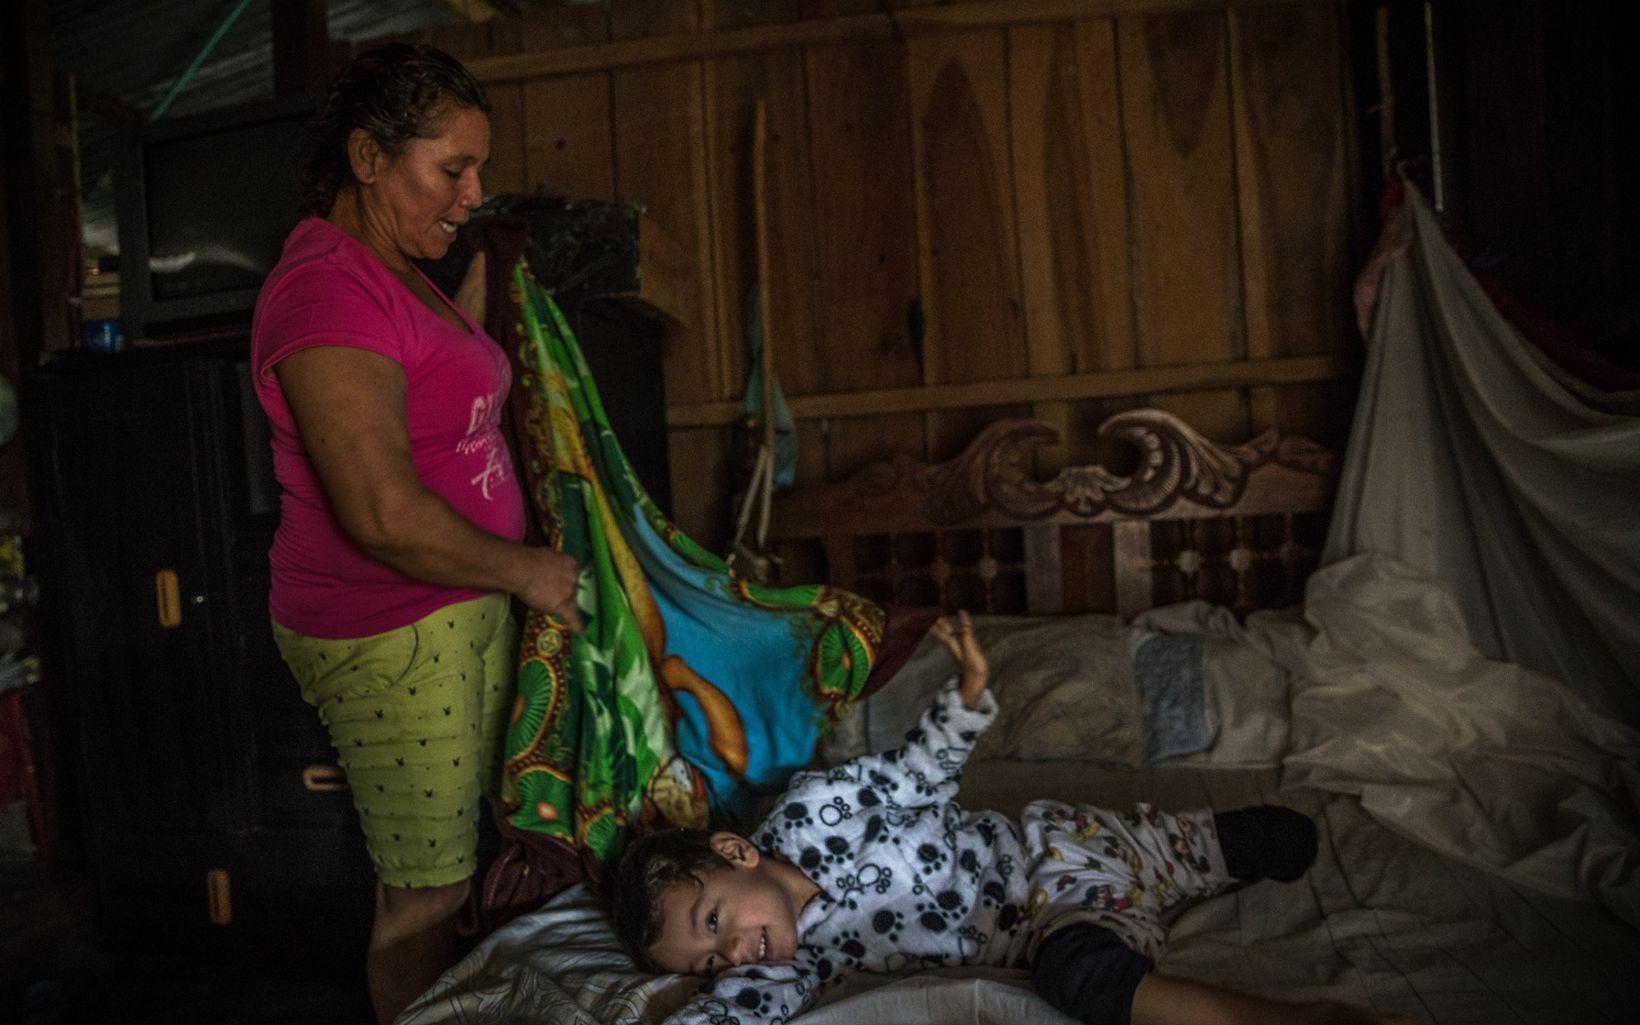 Mercedes cuida a su nieto durante las temporadas de vacaciones escolares, e intenta enamorarlo de la naturaleza. Espera sembrar la semilla de conservar en su generación.